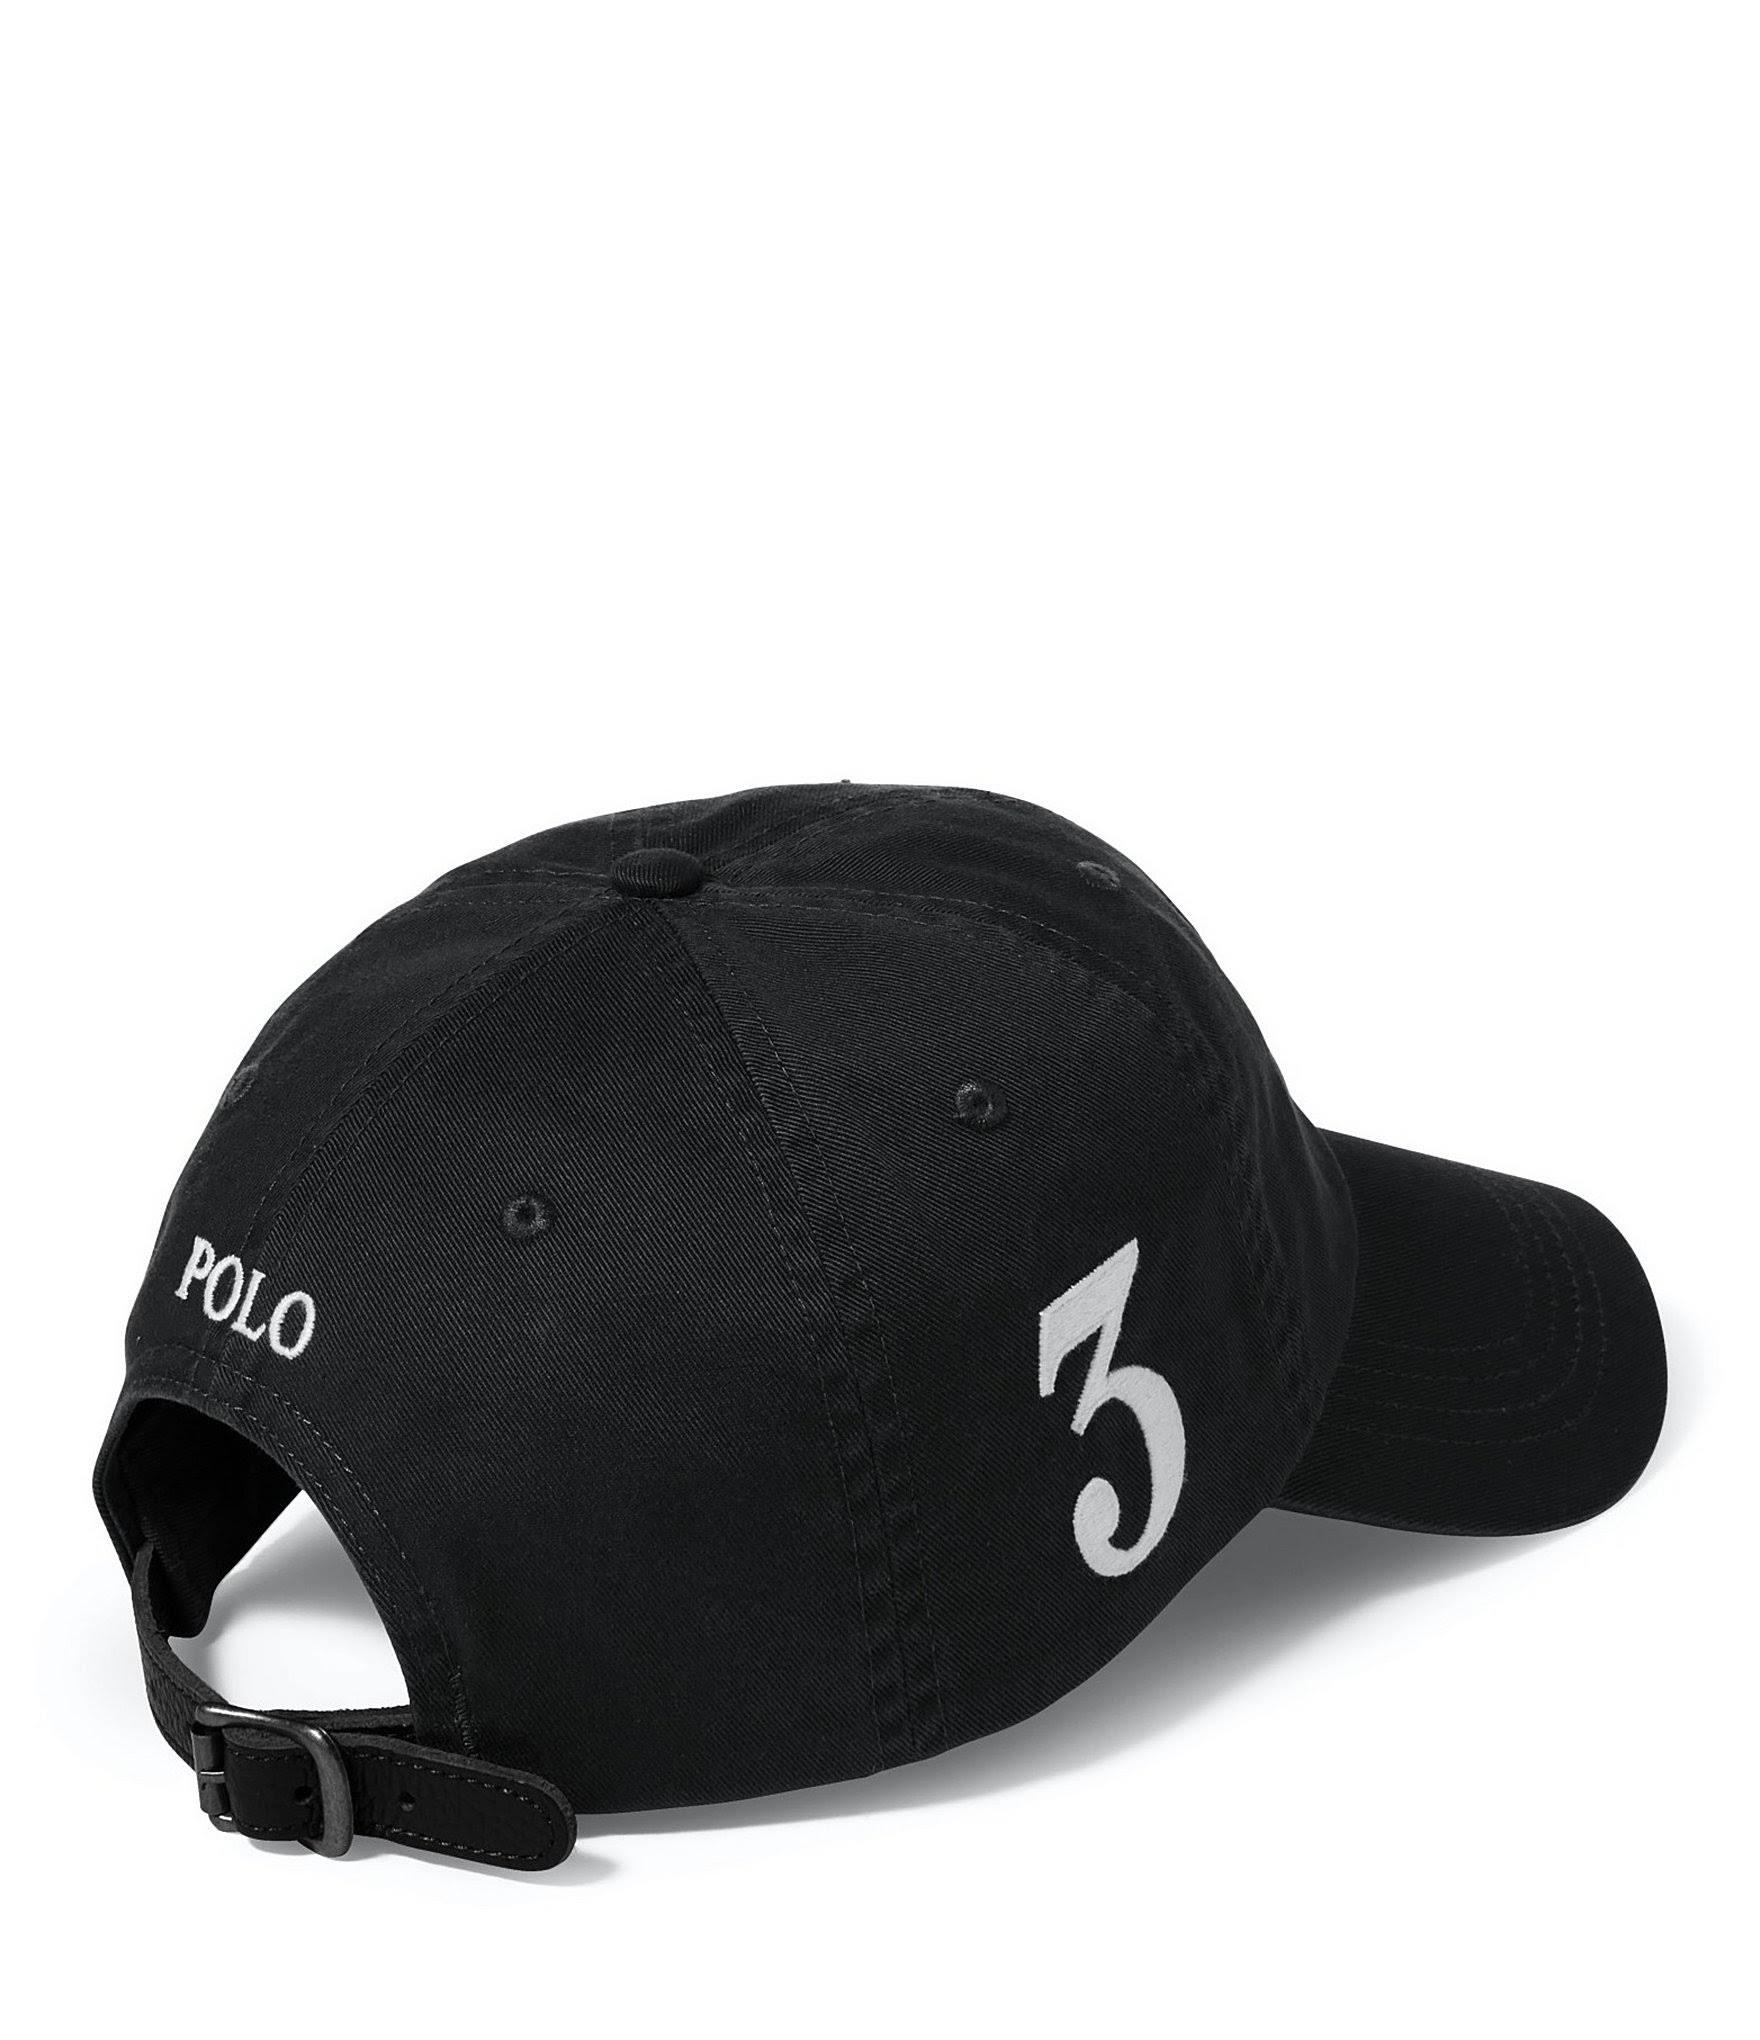 Berretto Polo cotone nero4006nero in Laurennero da baseball Ralph dBoexCr